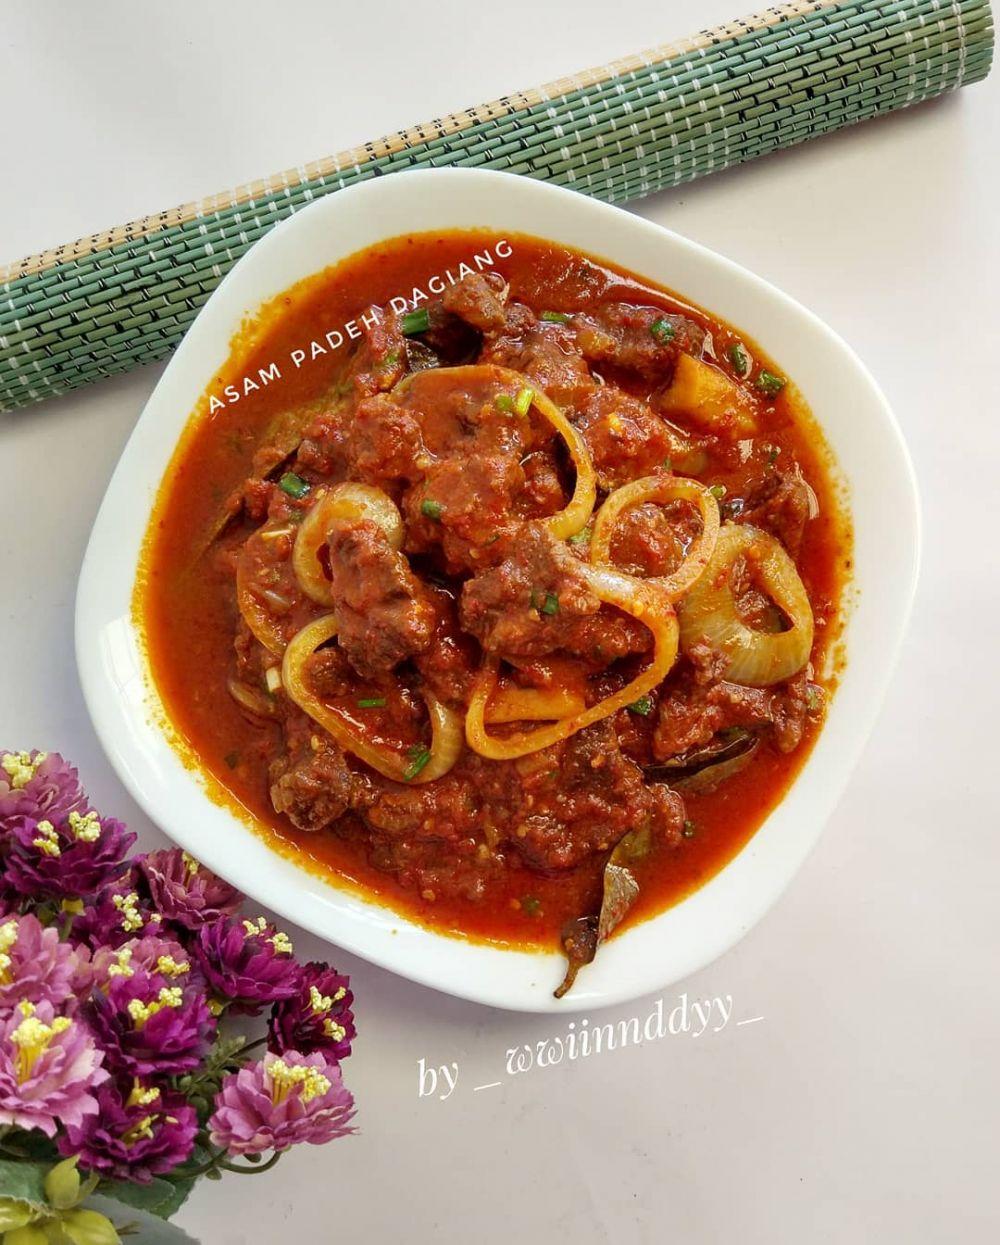 Resep makanan berkuah khas Sumatera © Instagram